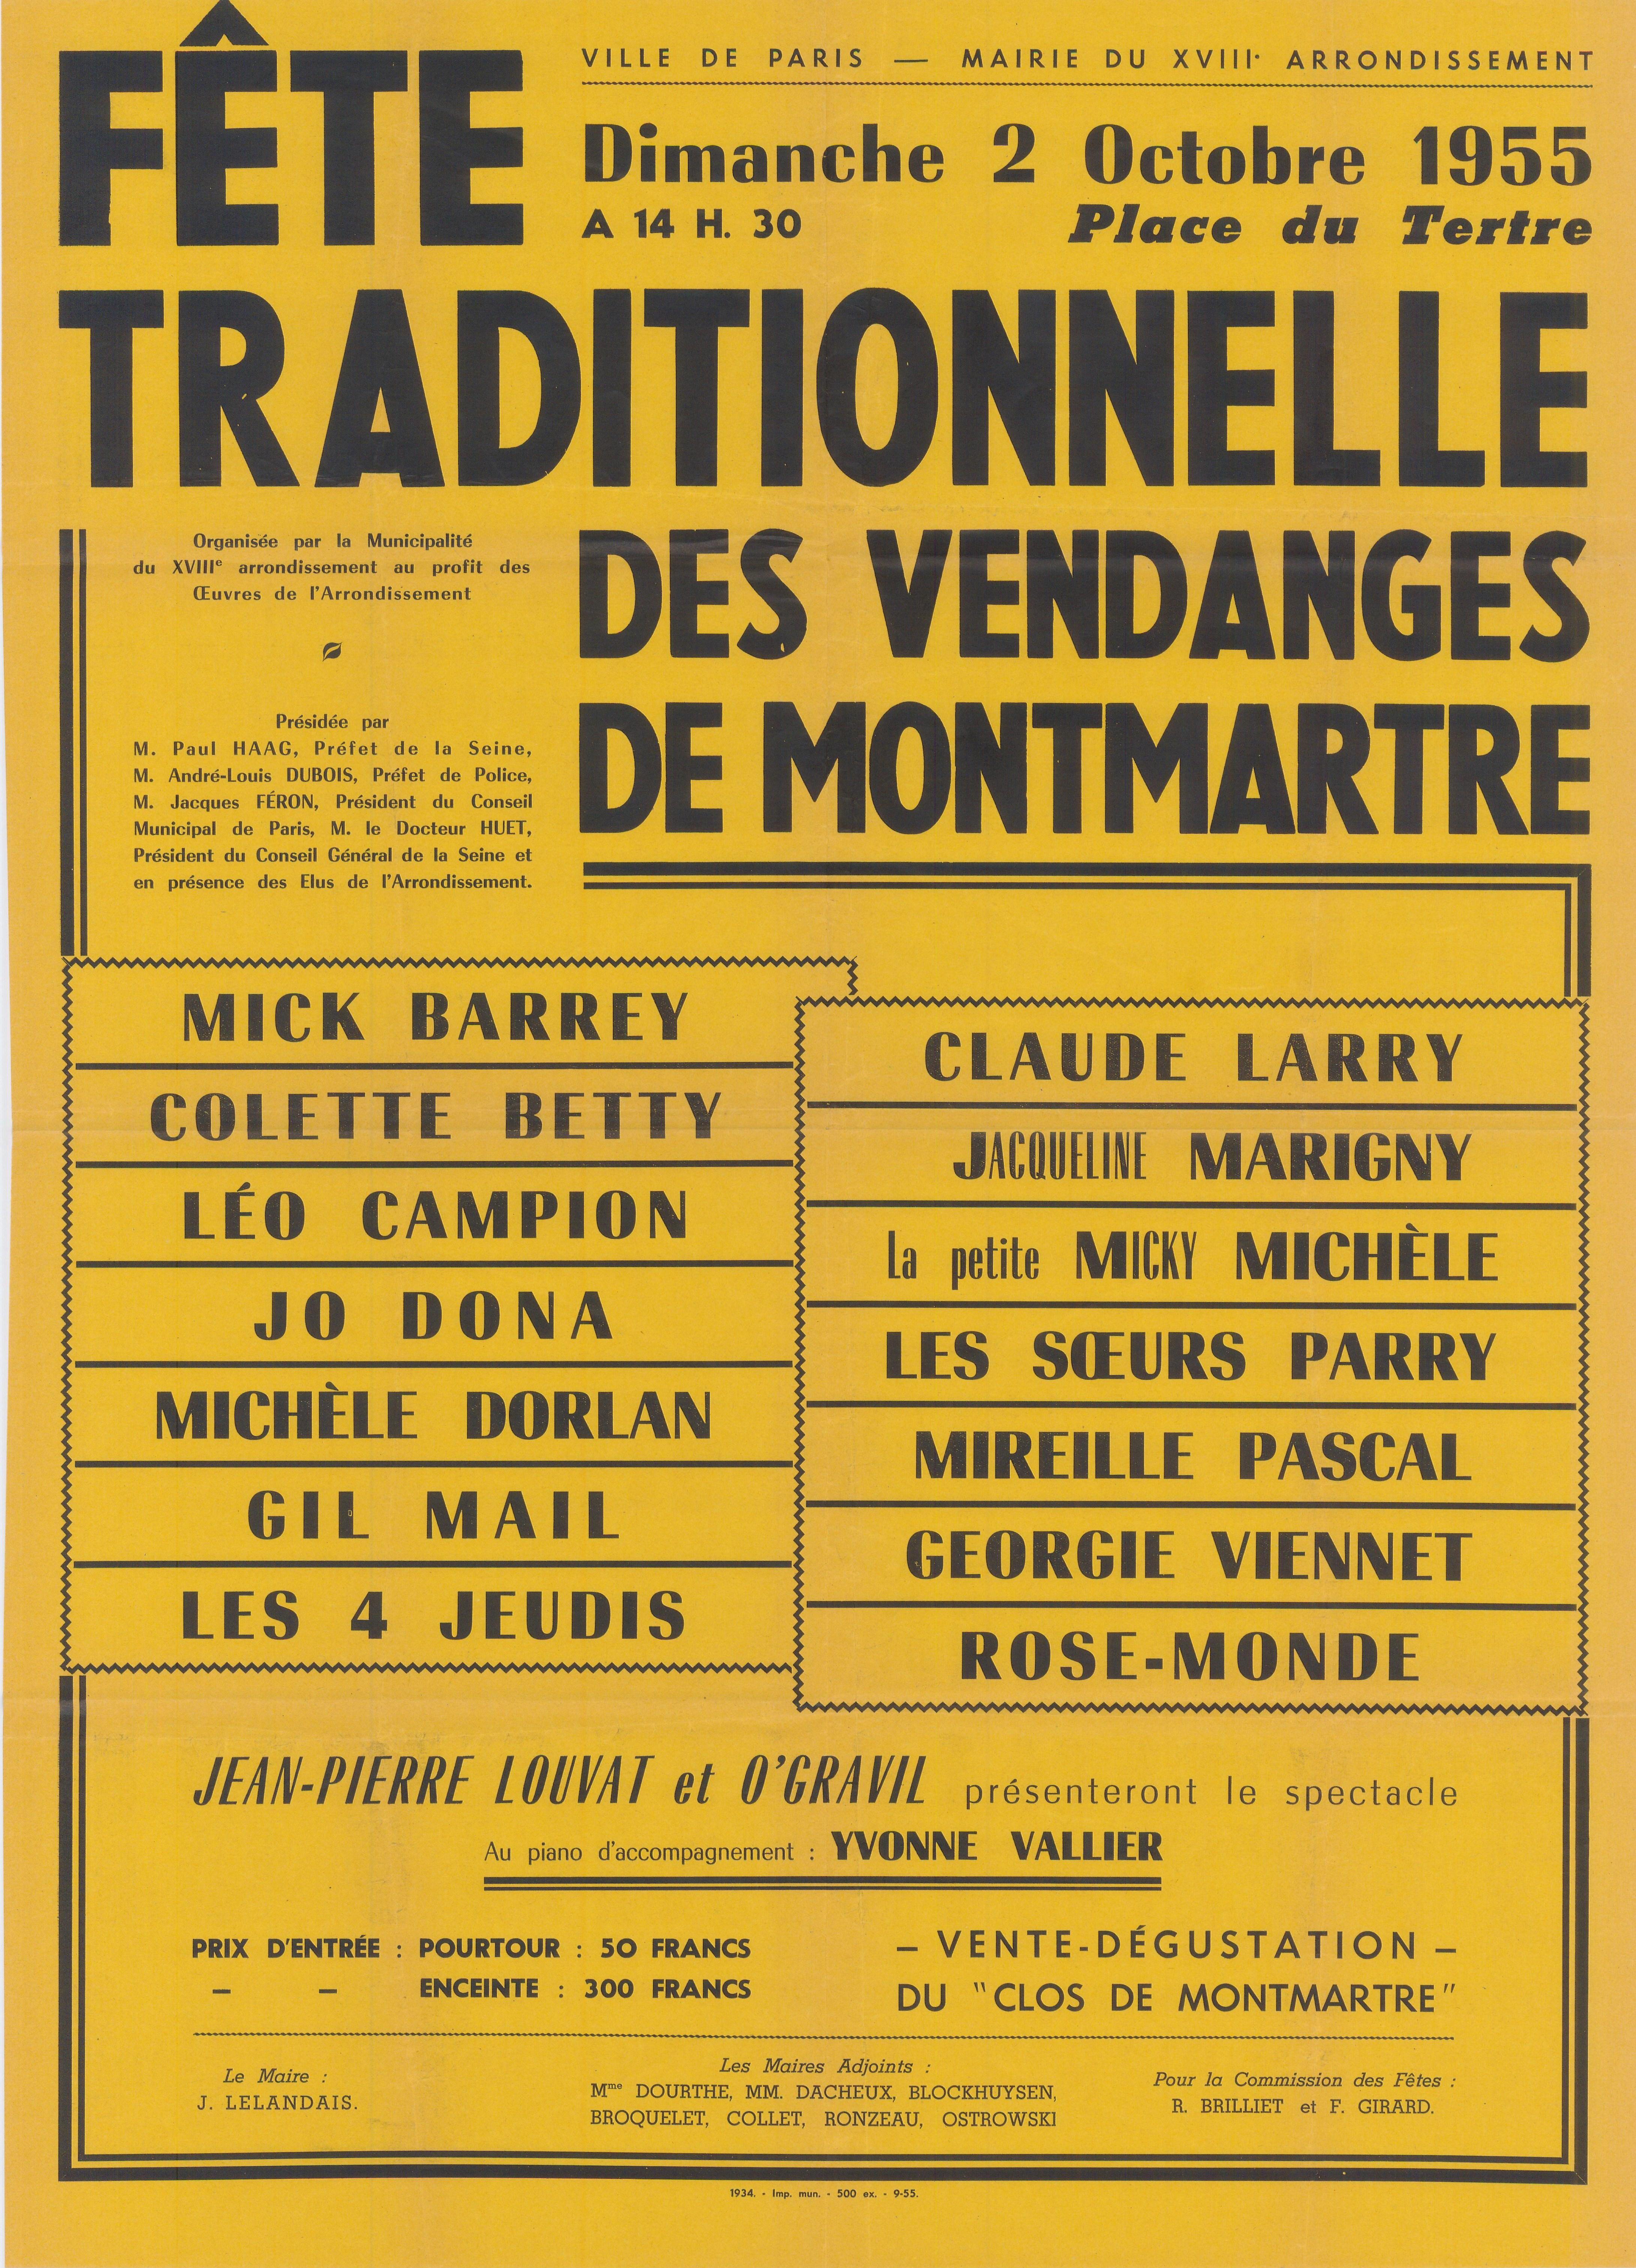 1955-Fête-traditionnelle-Montmartre